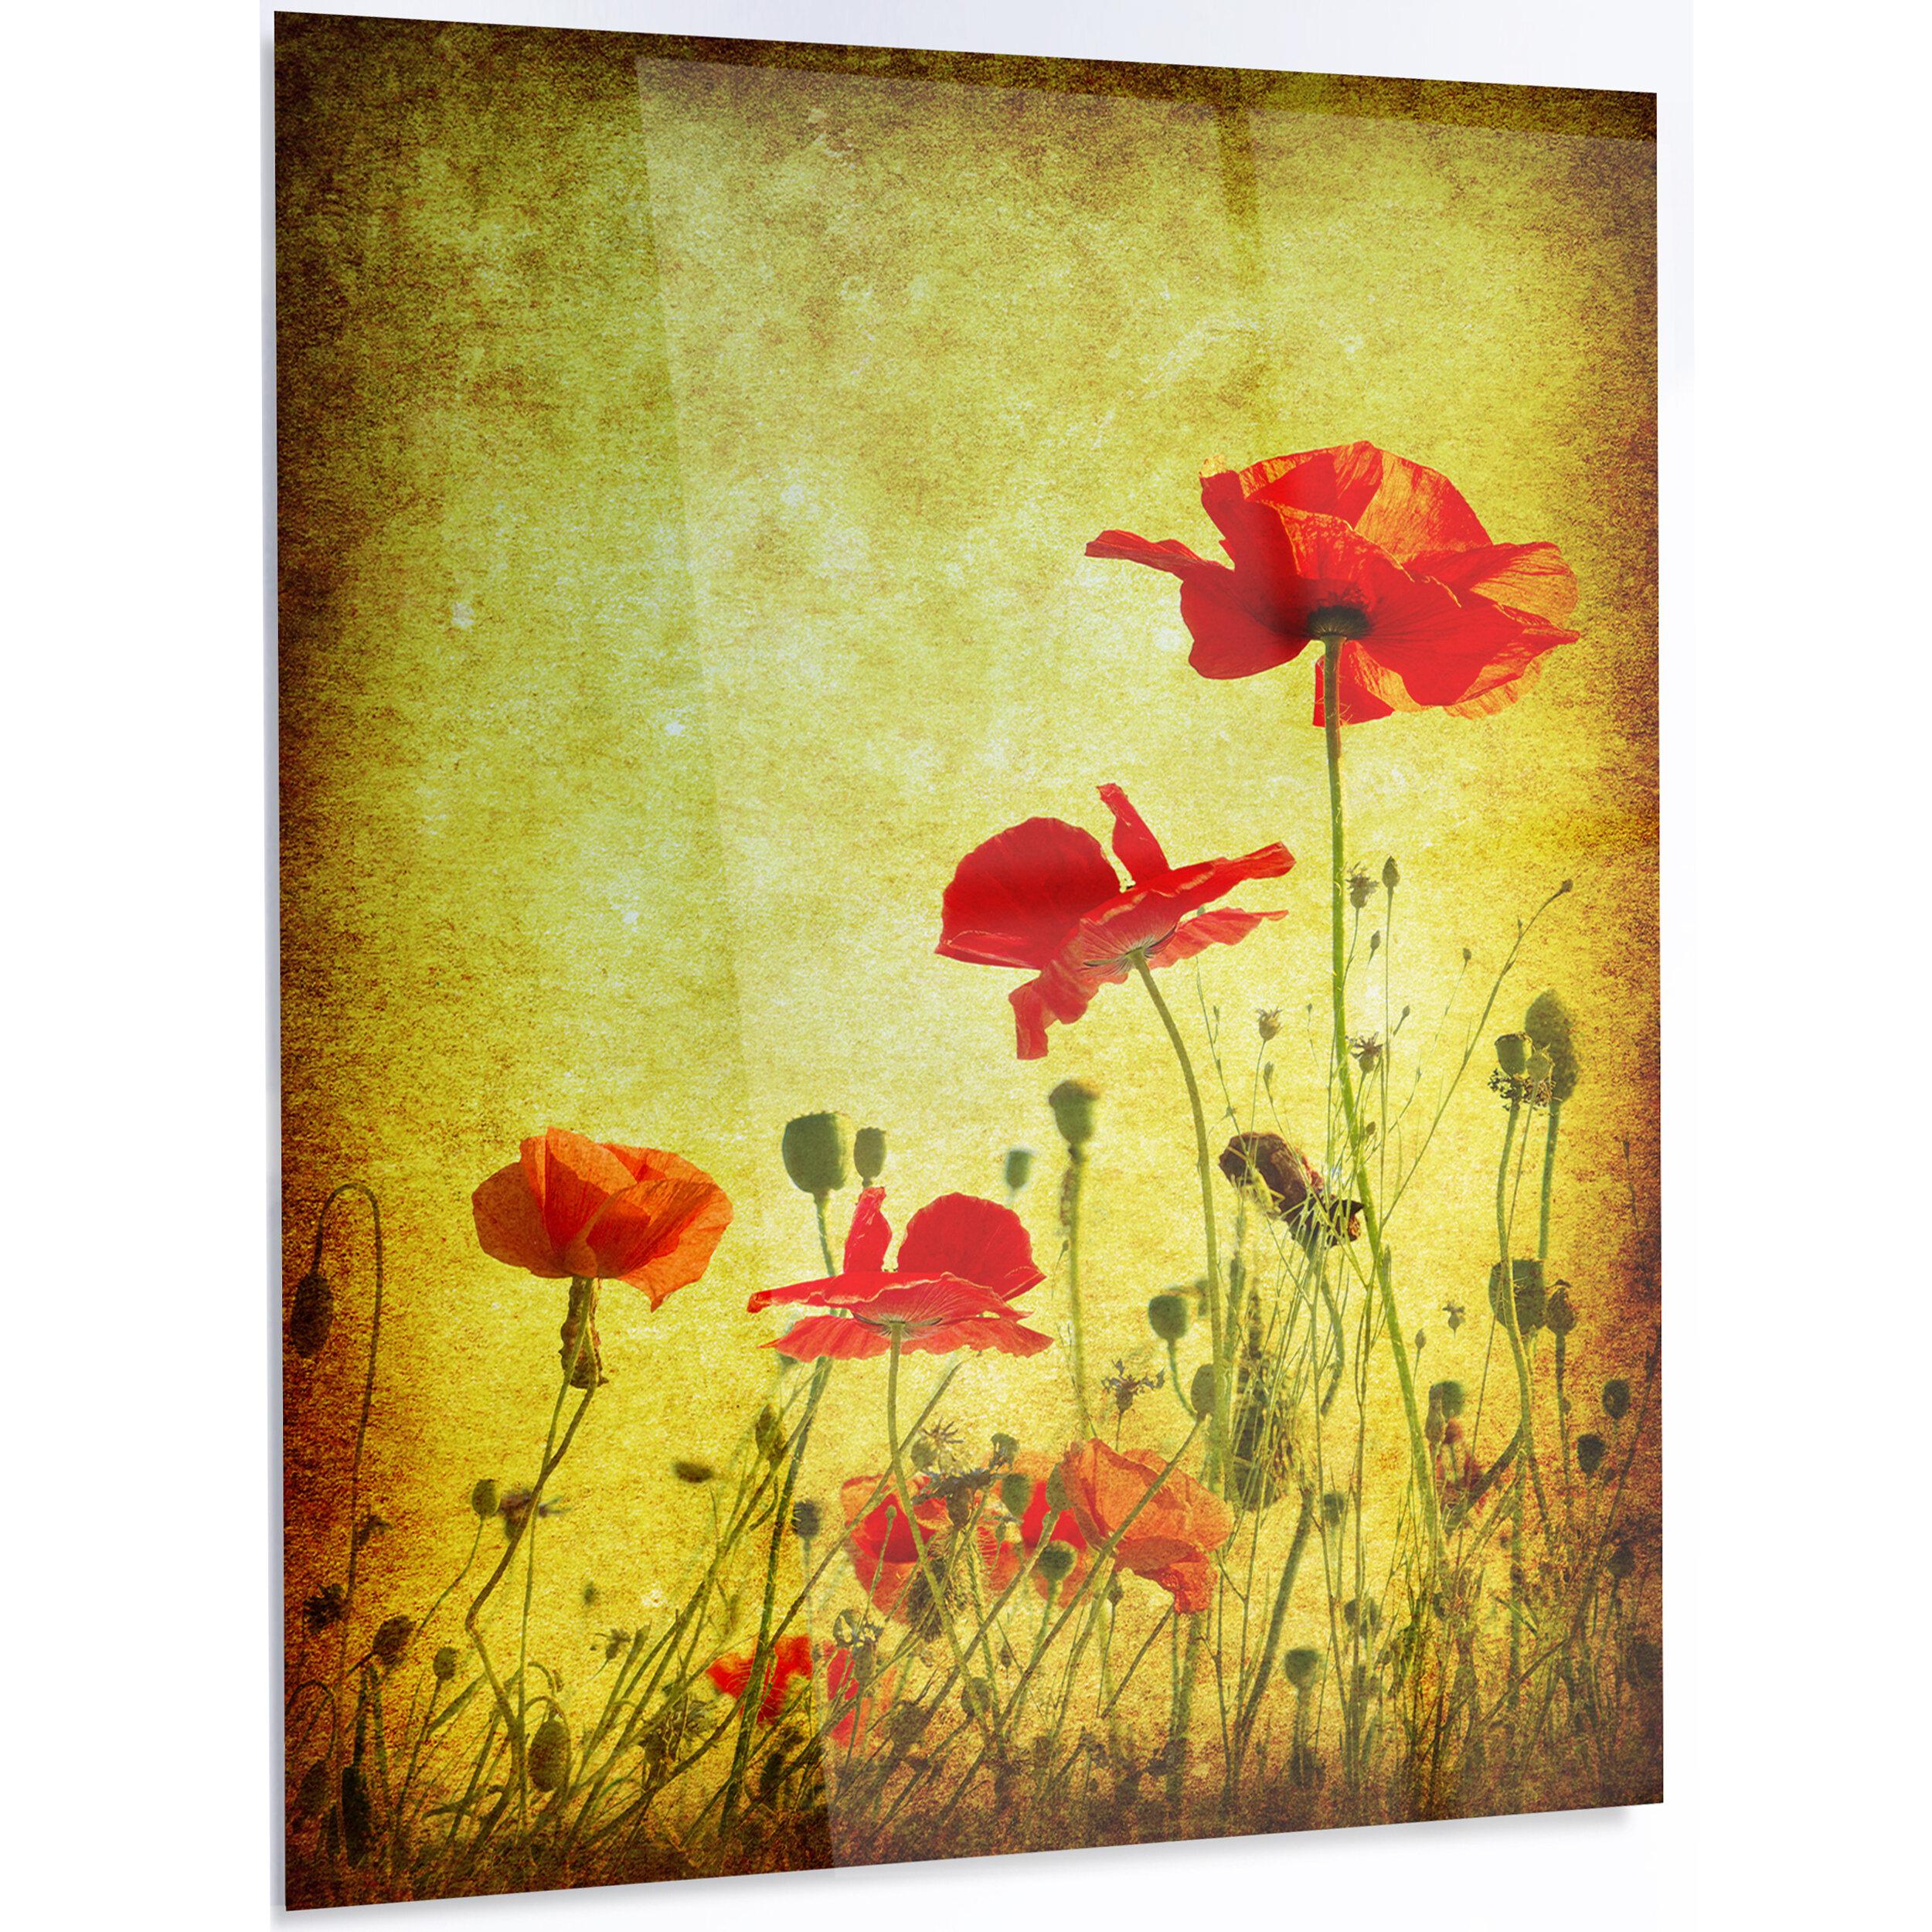 DesignArt \'Poppy Flowers on Grunge Background\' LED Graphic Art on ...